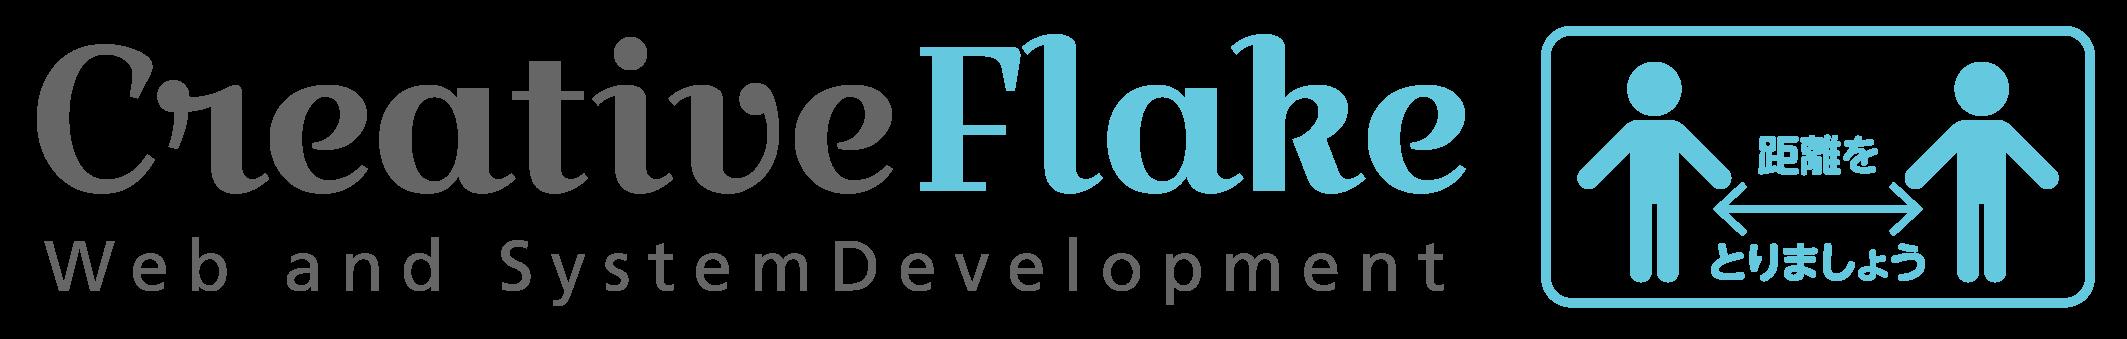 フレークの素 | Web制作・システム開発のCreativeFlakeブログ